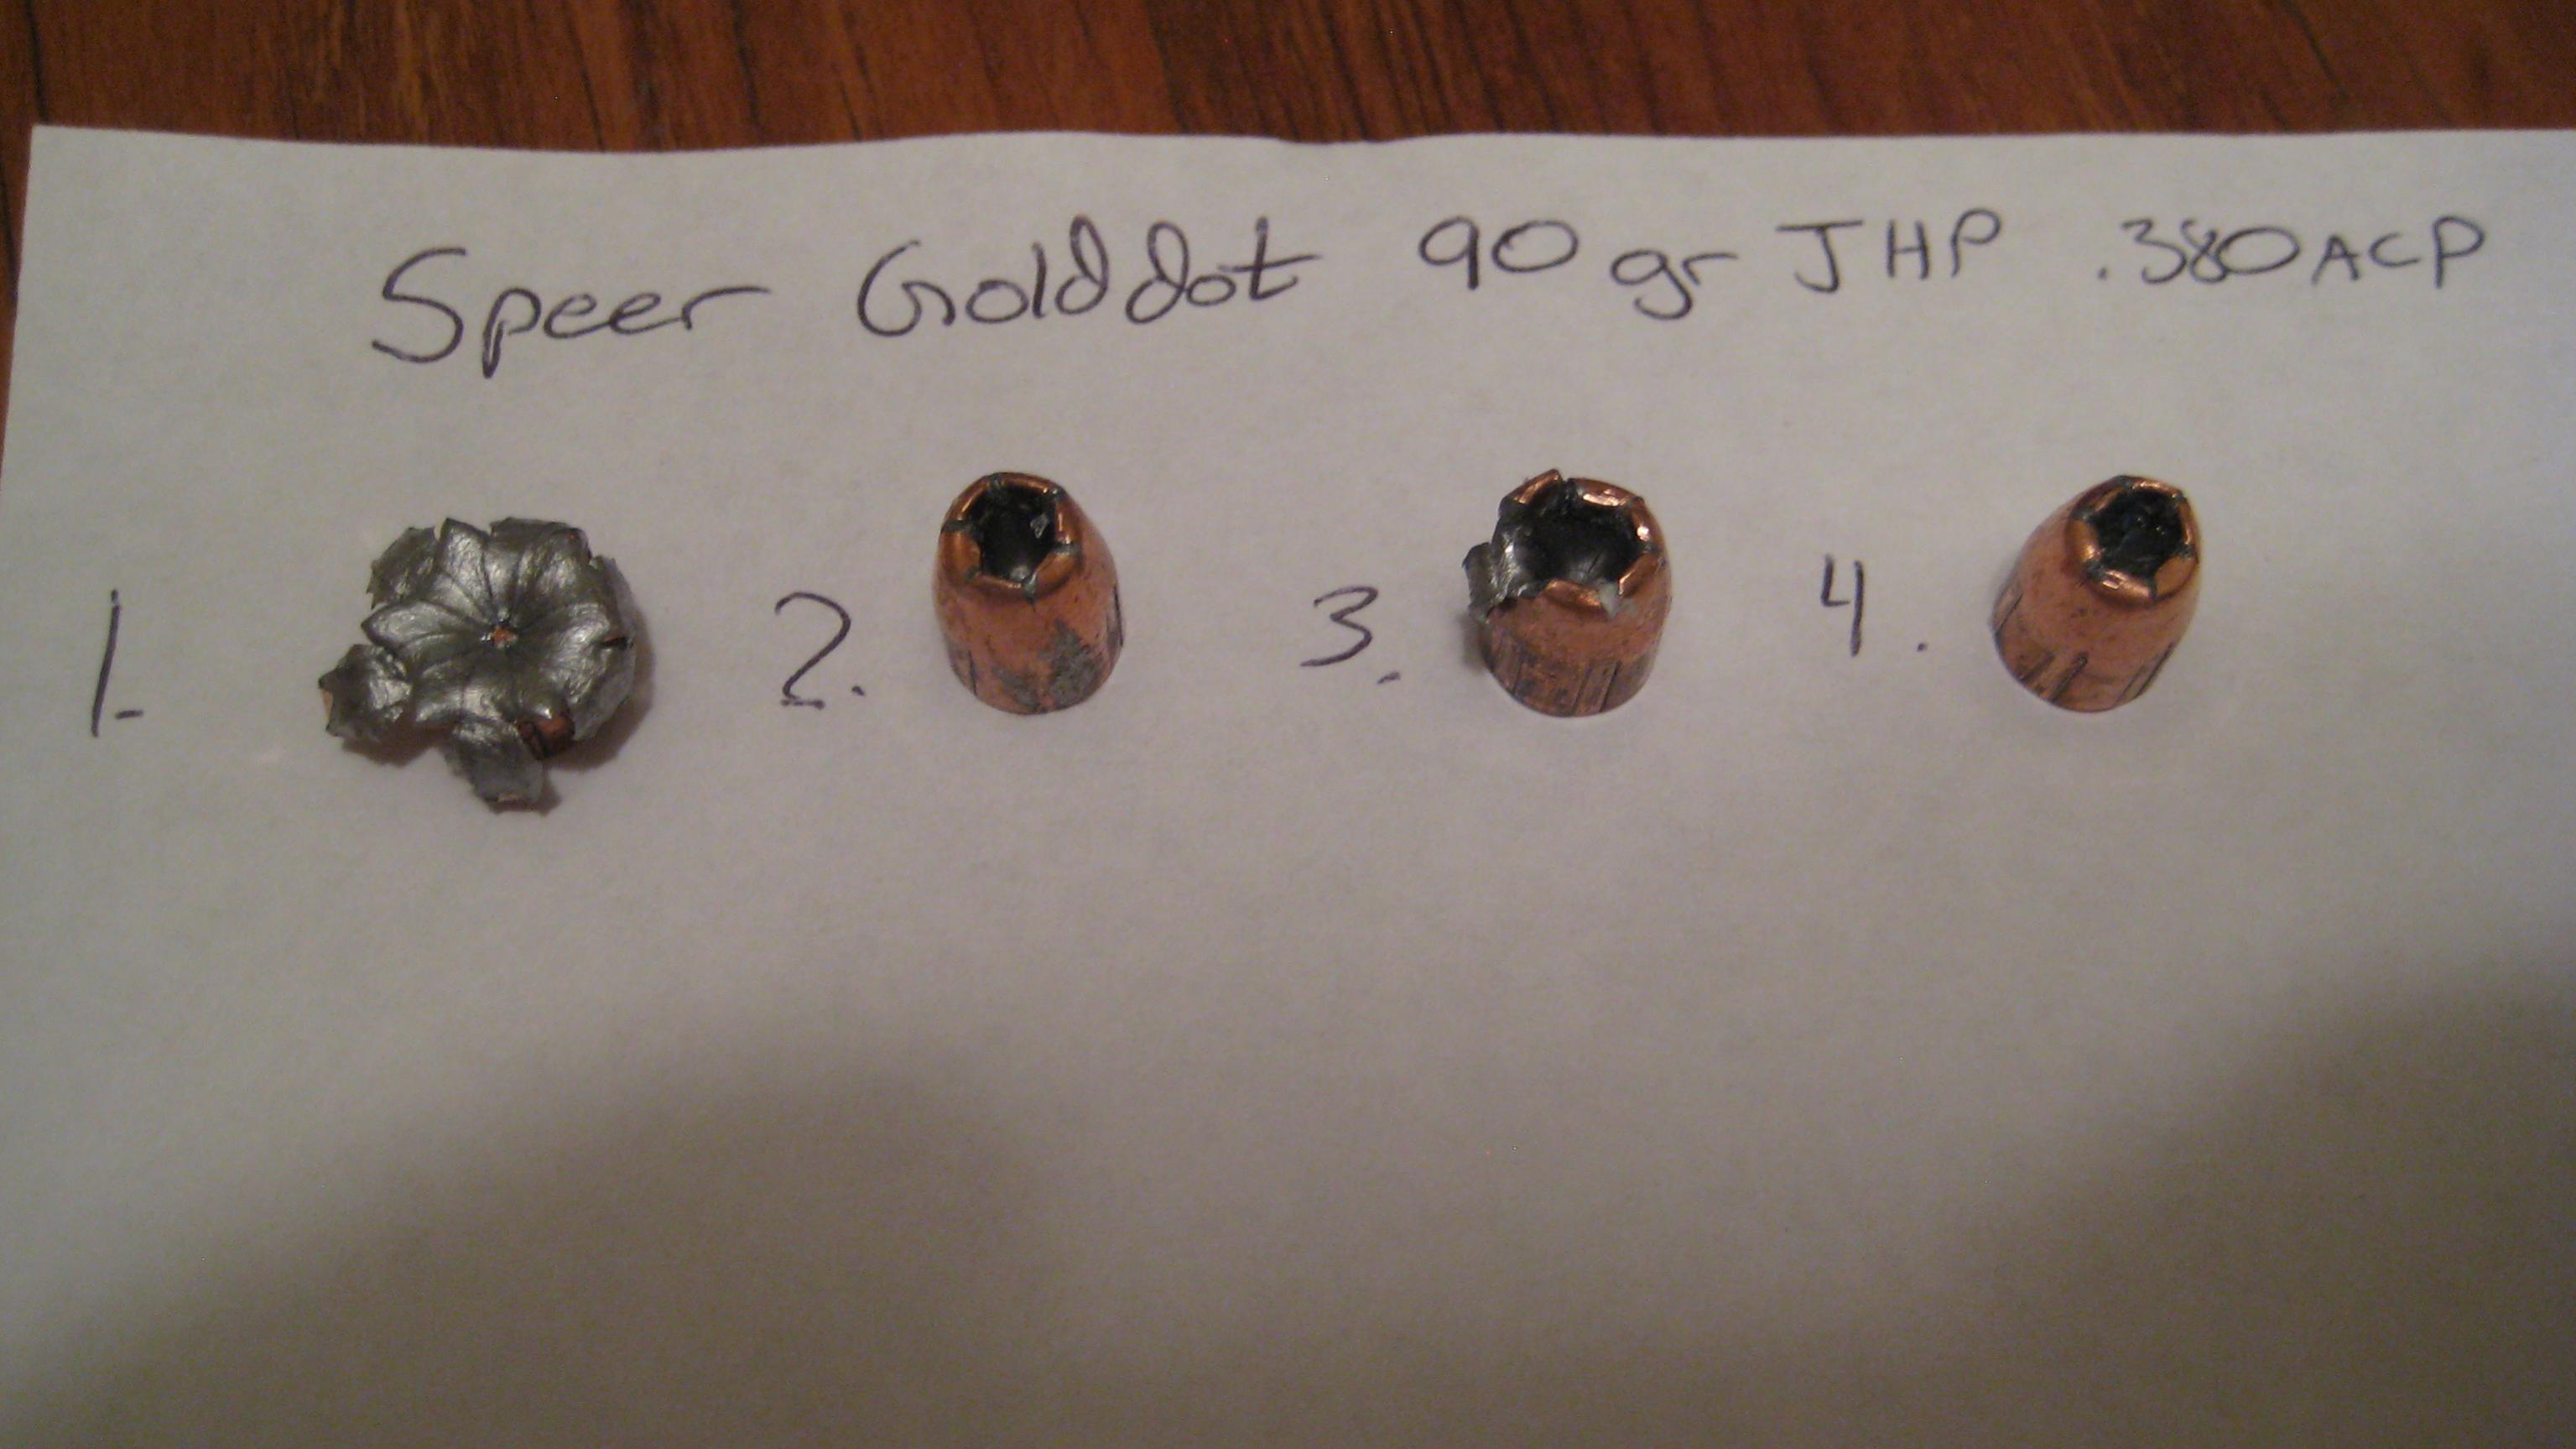 federal hydra shok vs speer gold dot